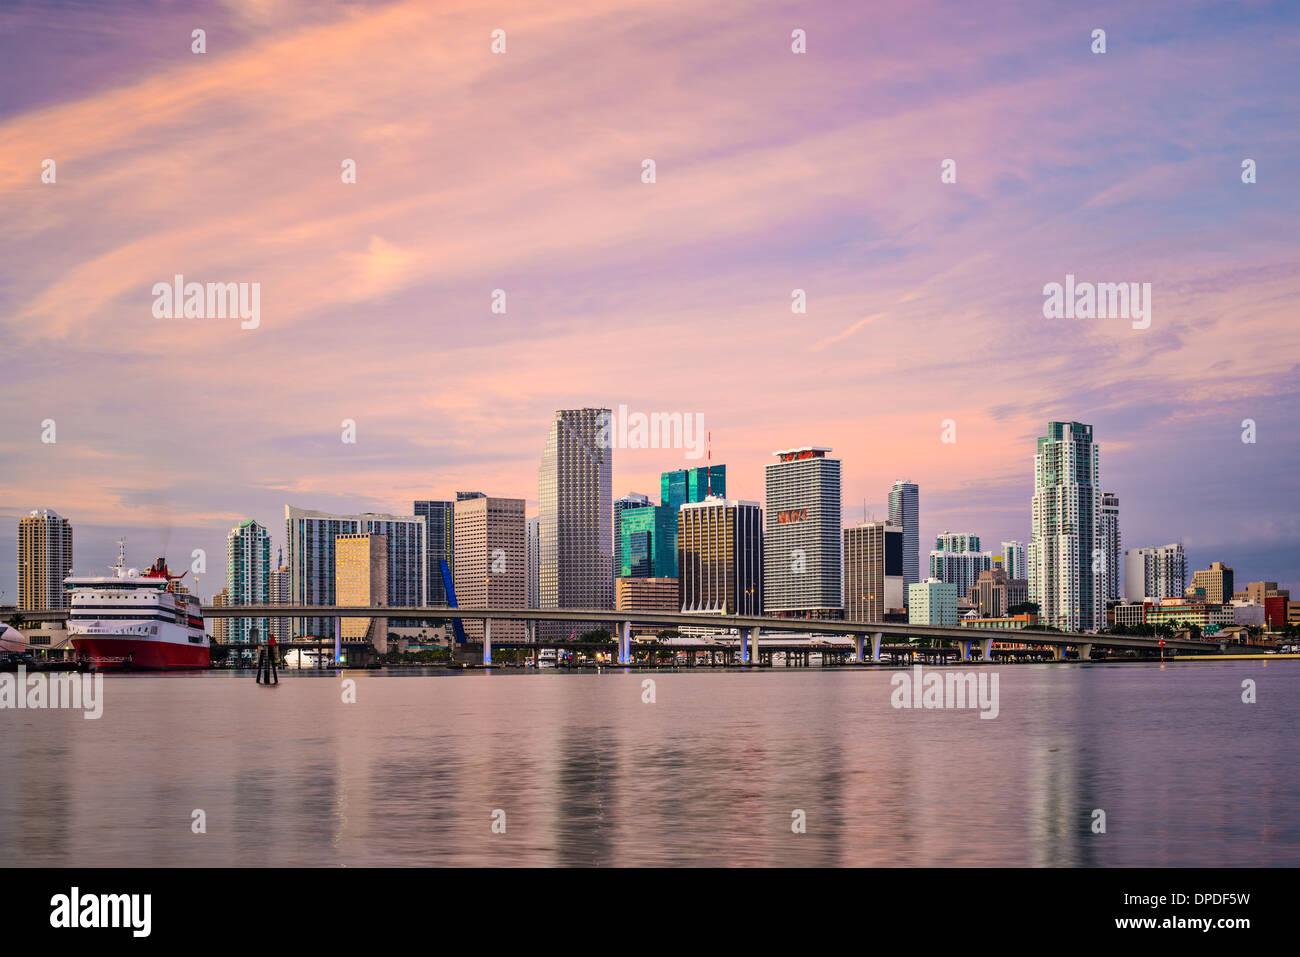 Miami, Florida, Stati Uniti d'America skyline del centro all'alba. Foto Stock